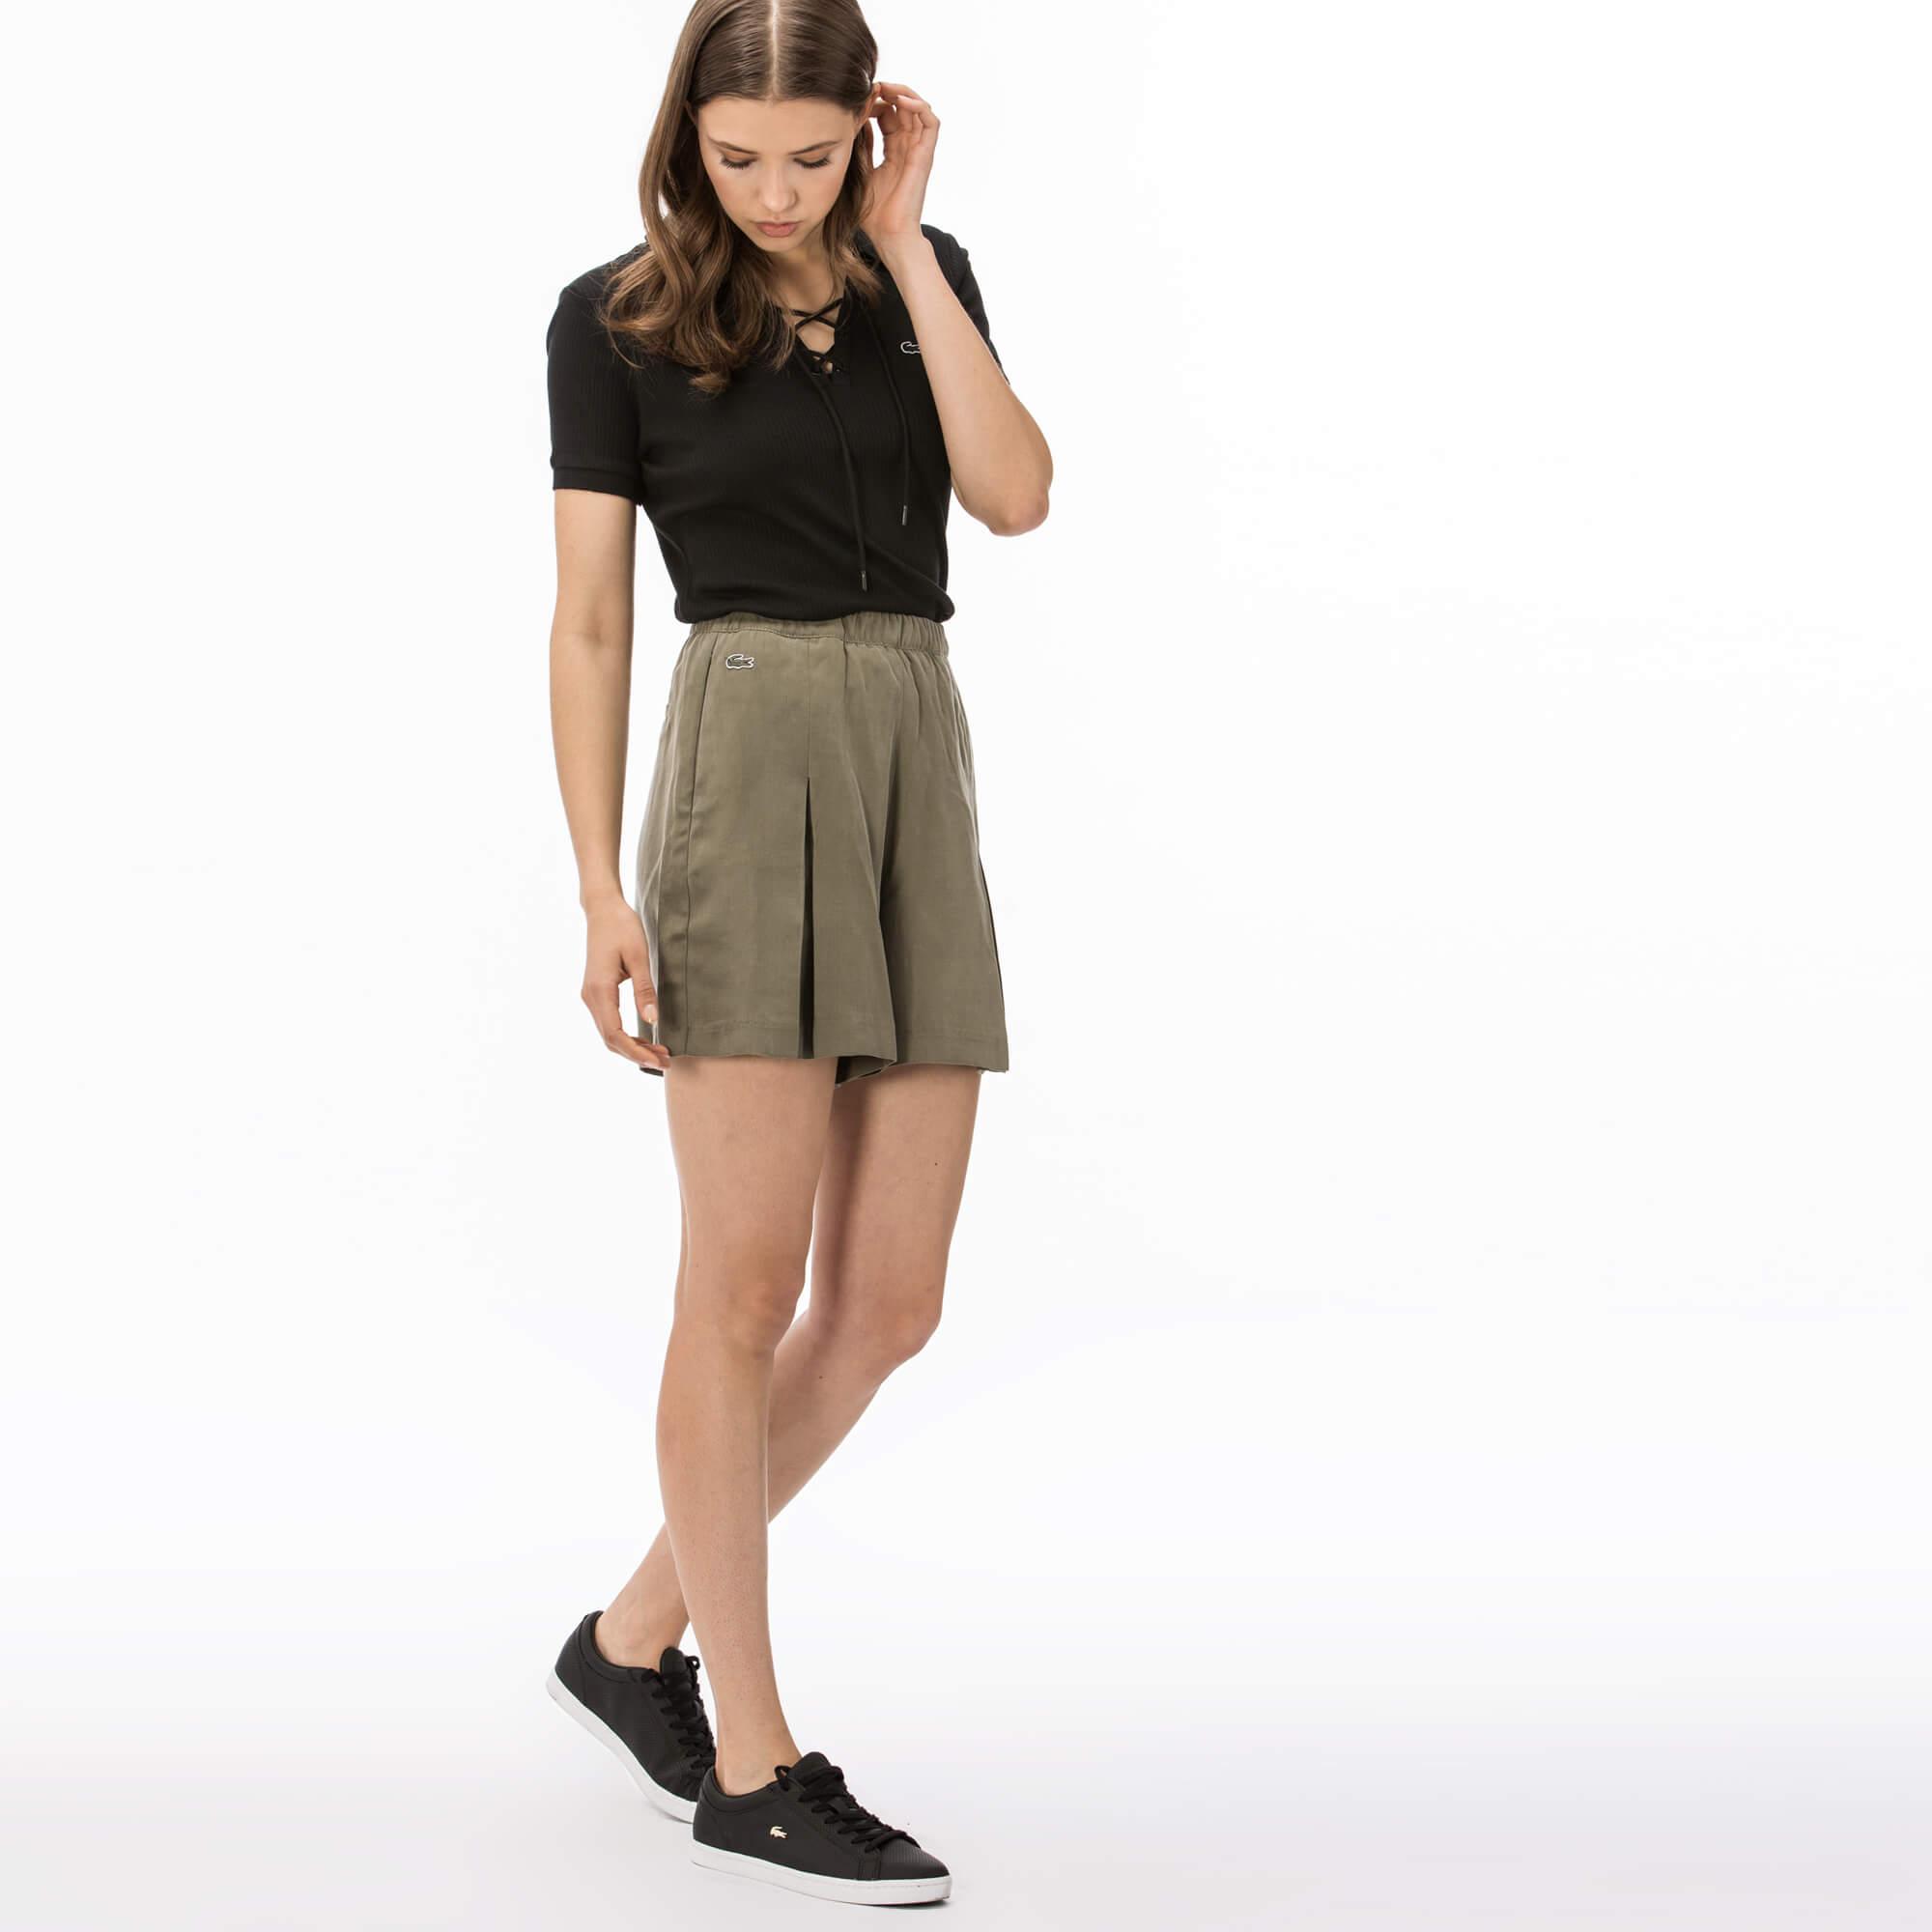 Lacoste Women's Shorts